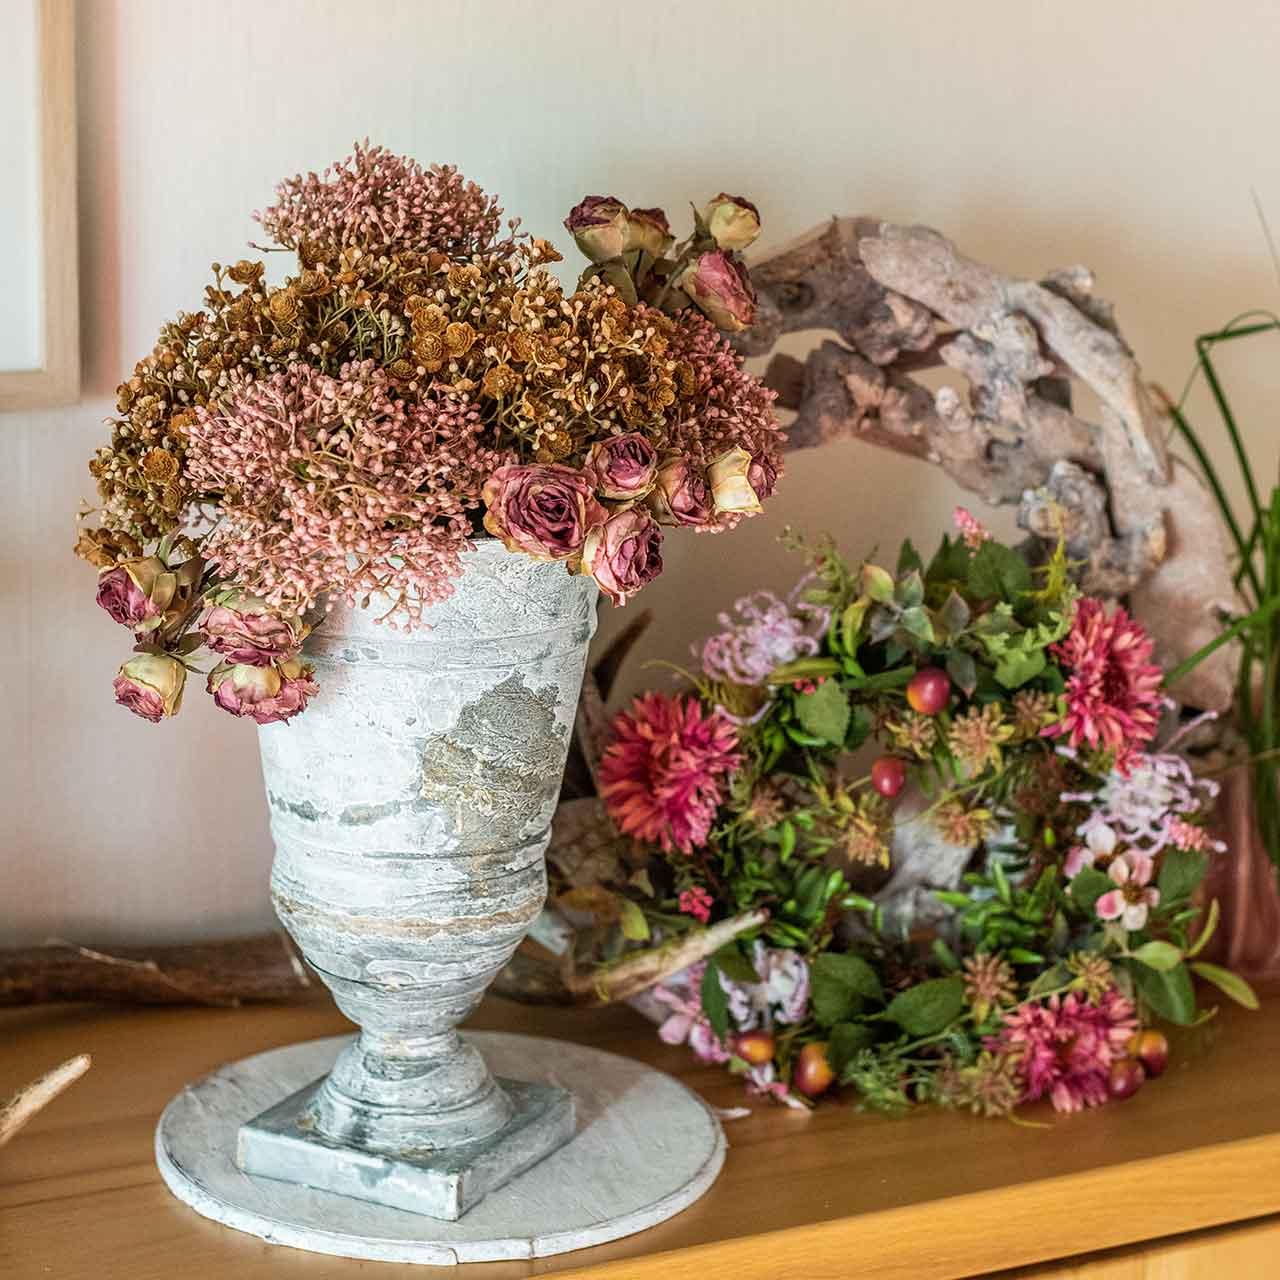 Efterårskrans krysantemum lilla Ø30cm